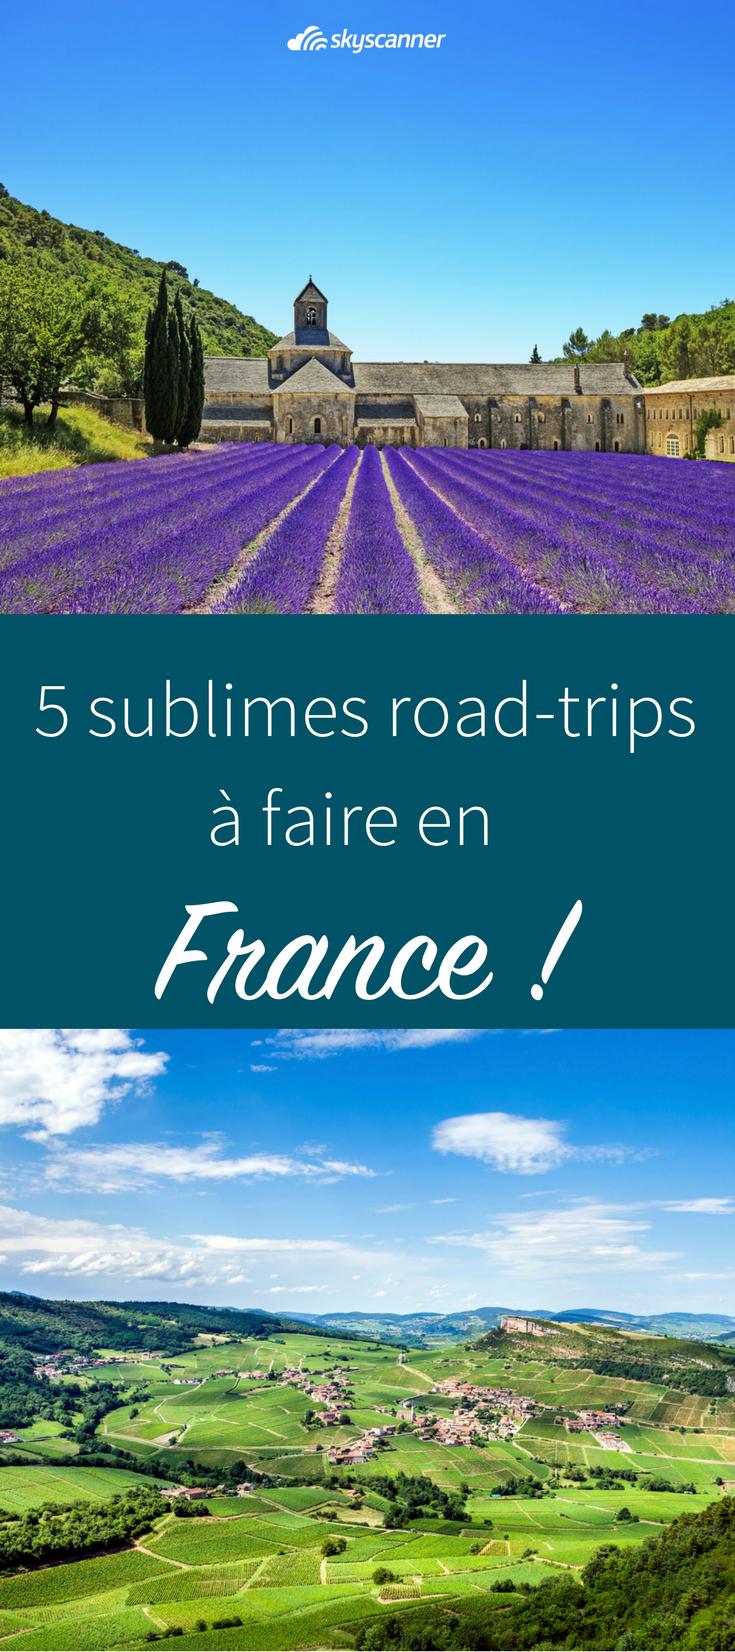 5 itin u00e9raires  u00e0 faire en france pour un road